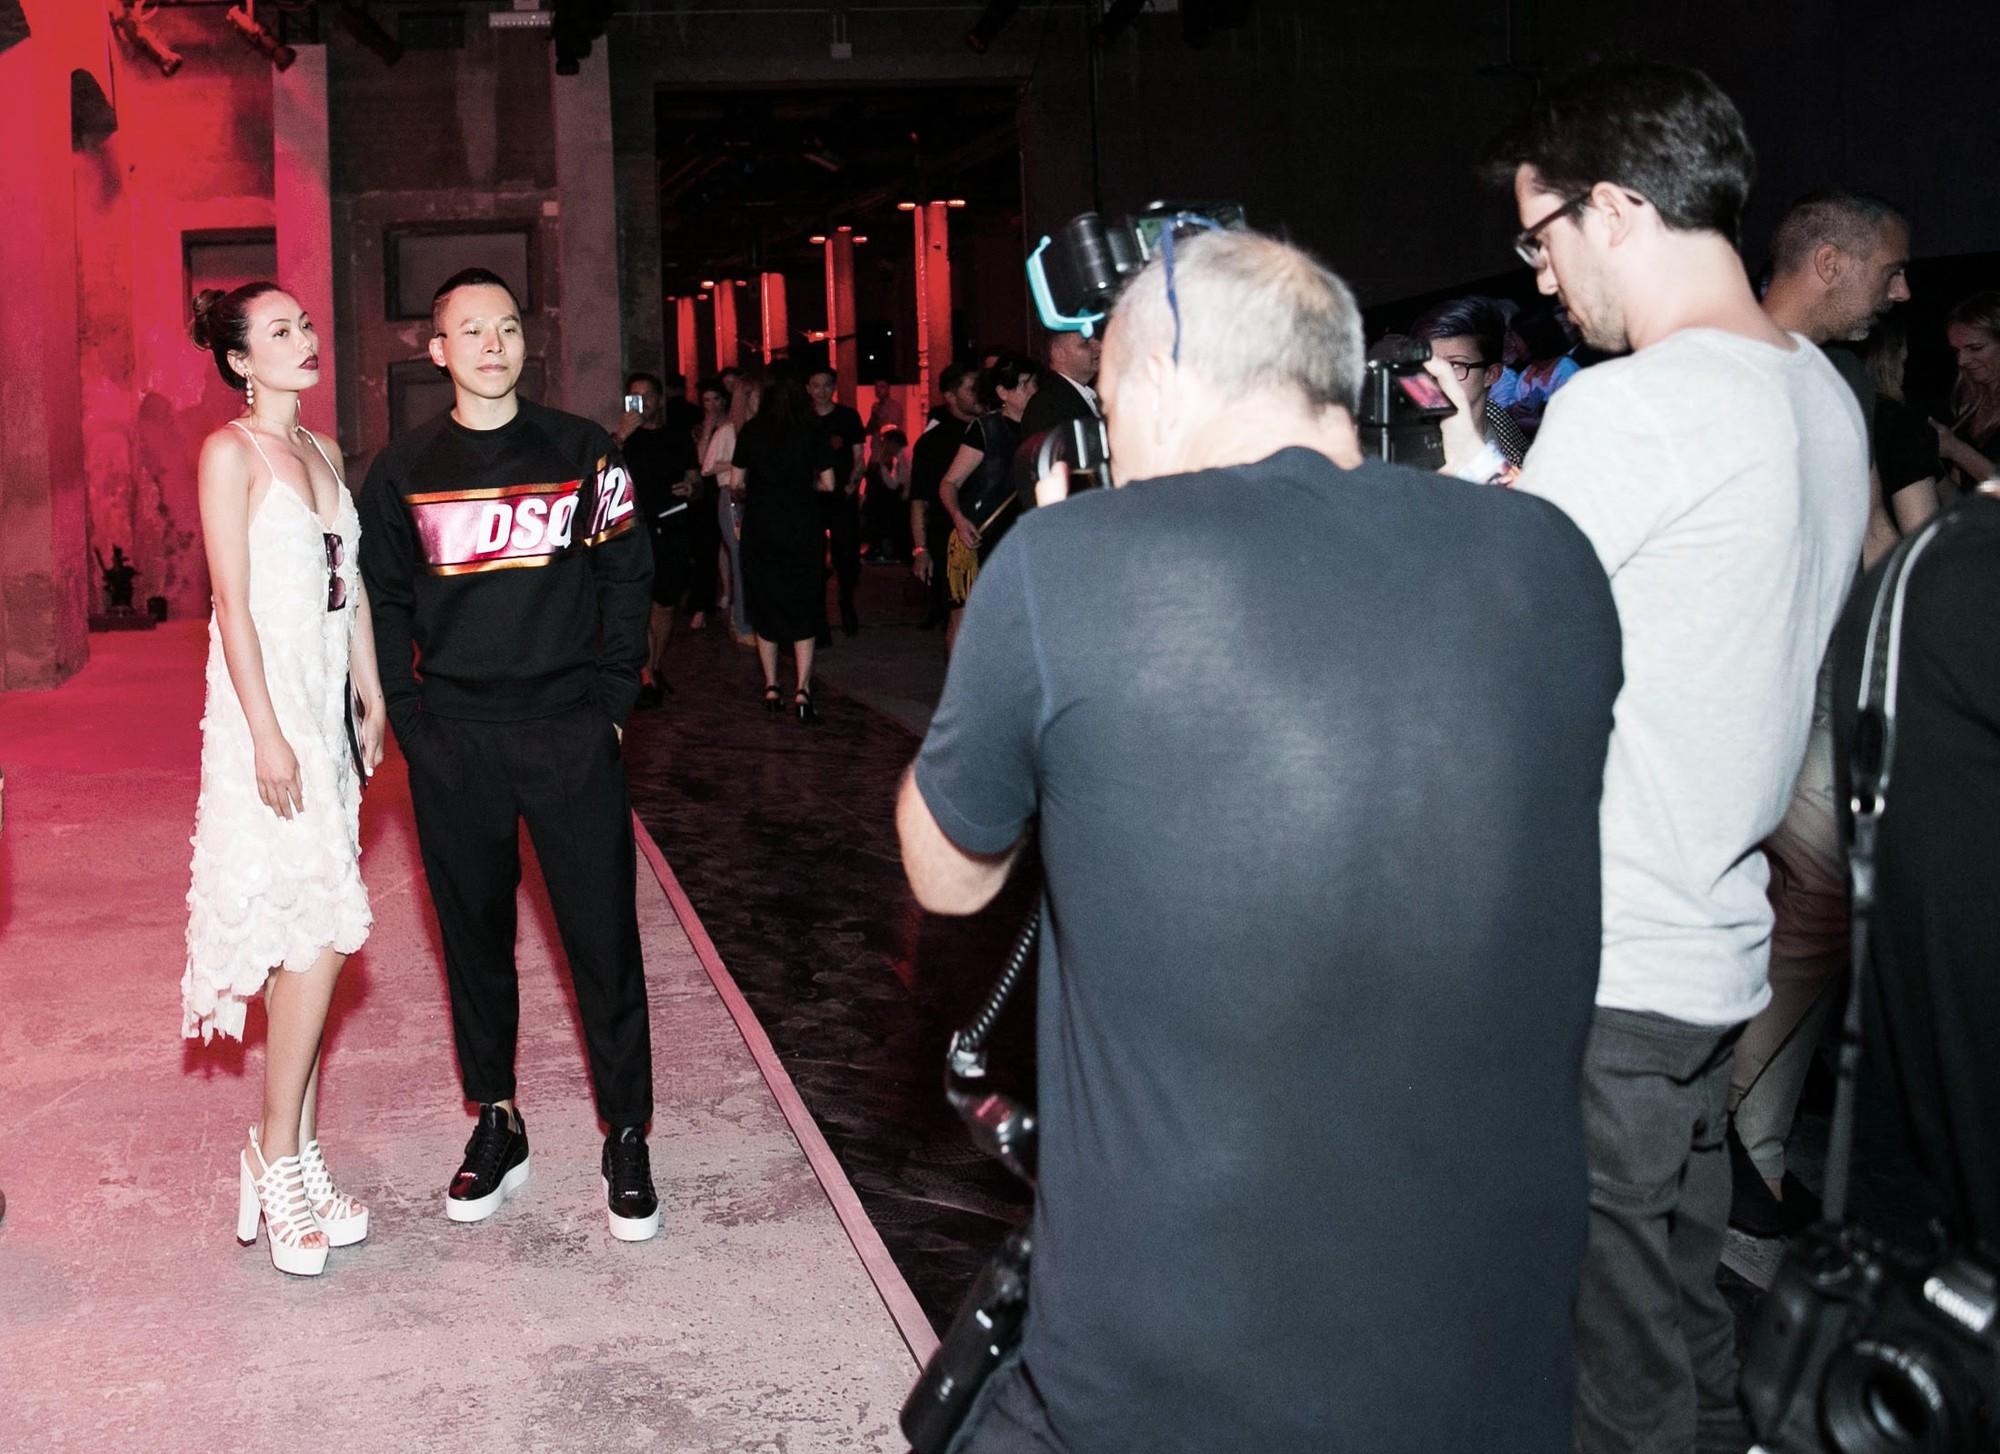 Võ Cảnh được mời dự show, Vũ Khắc Tiệp ngồi hàng ghế đầu trong show Dsquared2 tại Tuần lễ thời trang nam Milan 2018 - Ảnh 10.